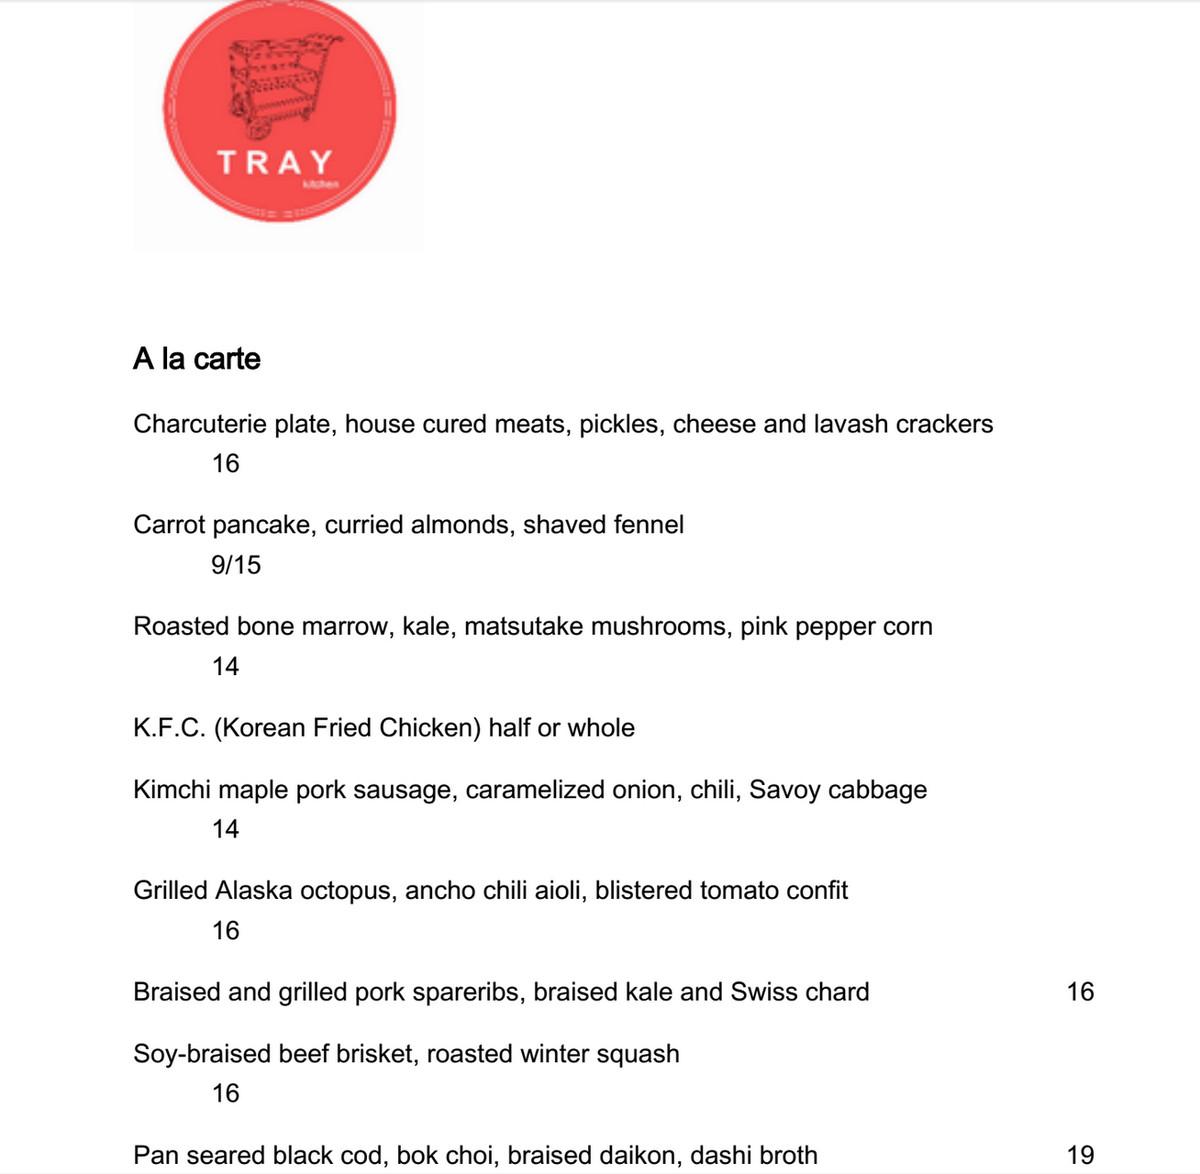 tray menu 3